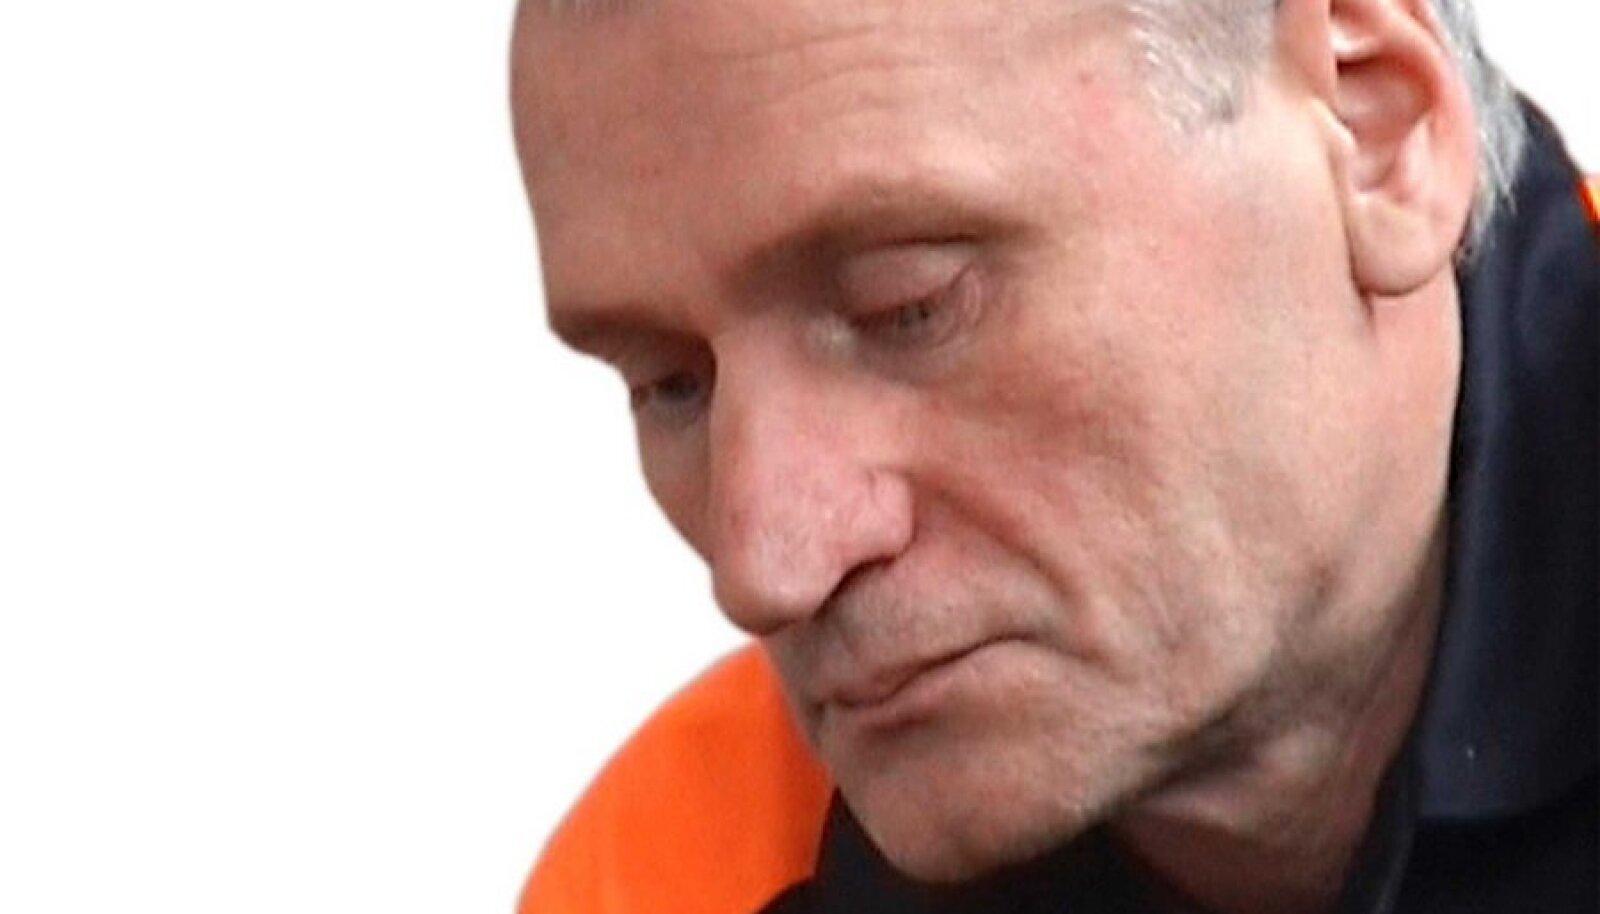 Eluaegne: Anatoli Nikolajev mõisteti nelja inimese mõrva eest eluks ajaks vangi, kuigi isegi prokurör ei uskunud tema süüd. USAs avastatakse igal aastal juhtumeid, et surma mõistetud inimene oli tegelikult süütu. Eestis pole seni ühtegi eluaegset vangi tagantjärele õigeks mõistetud. (Foto: erakogu)